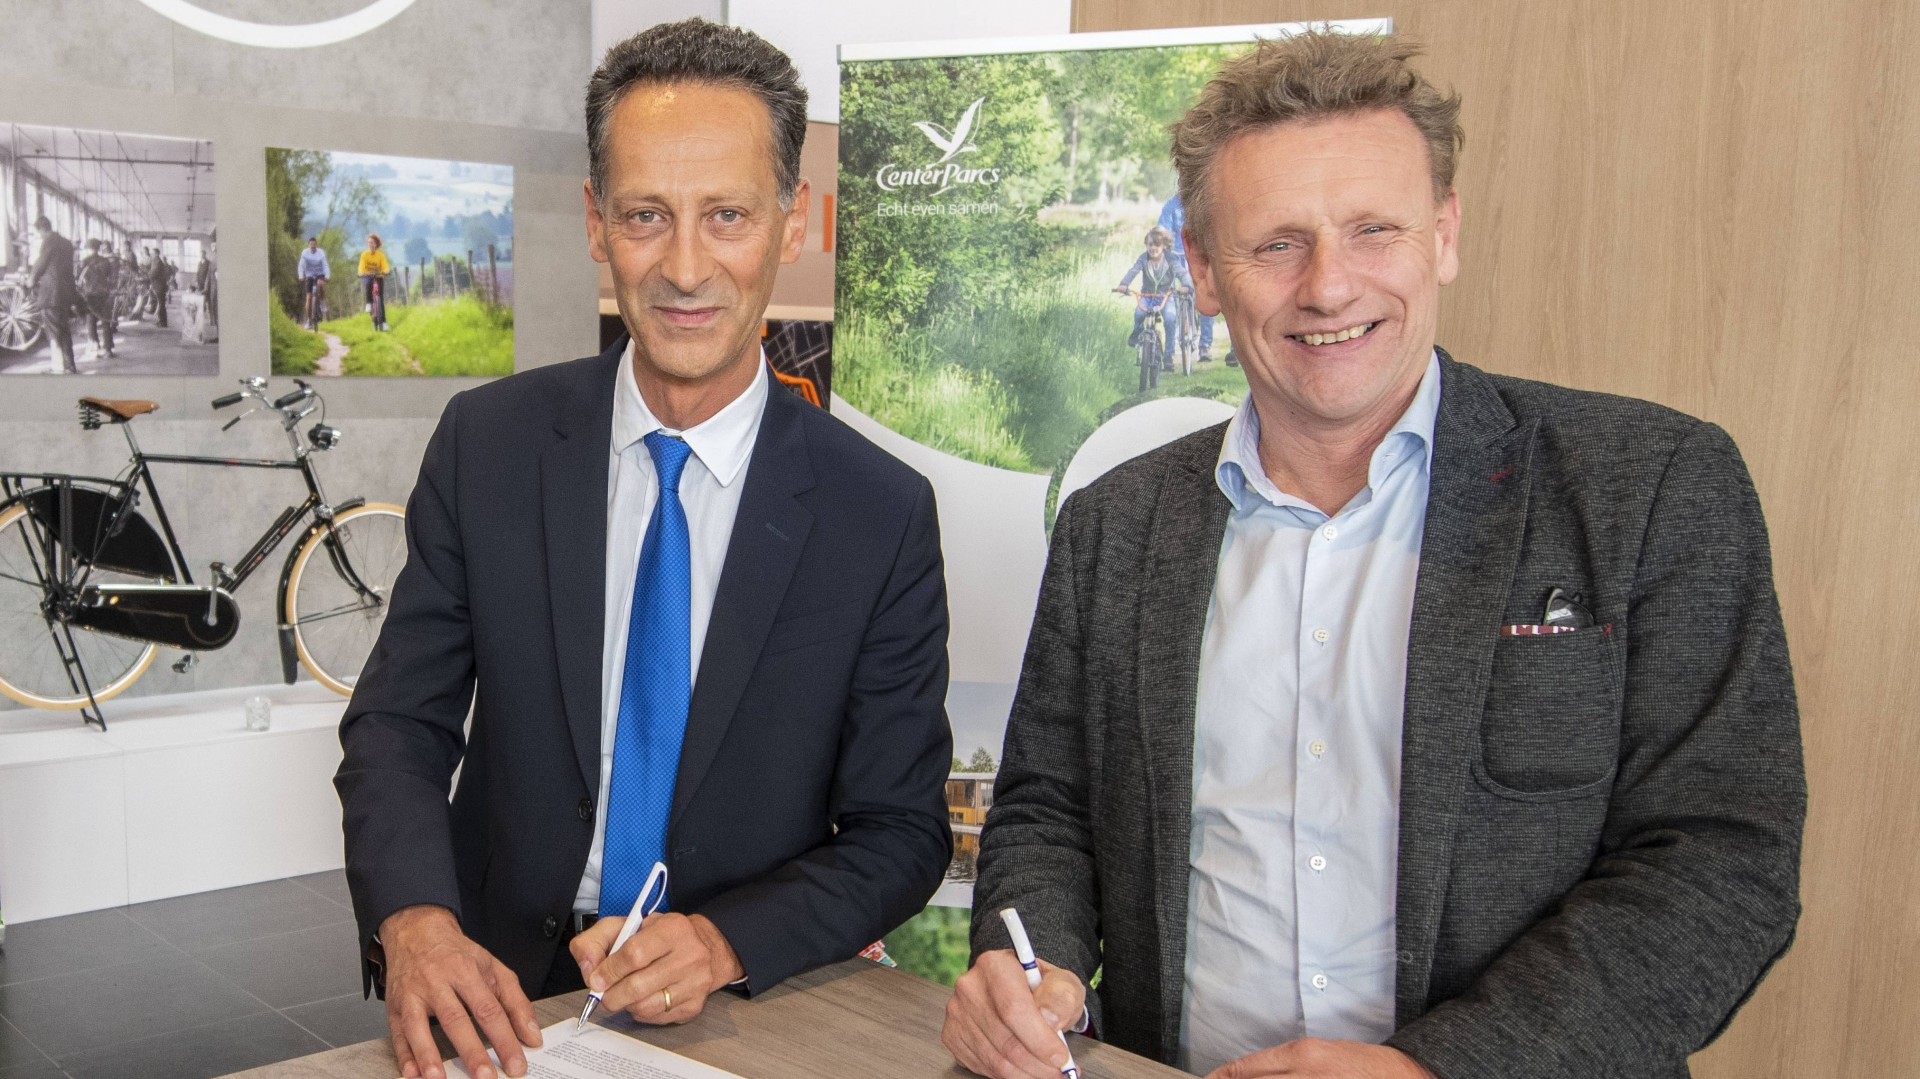 Center Parcs verlengt samenwerking Koninklijke Gazelle  met ingebruikname 15